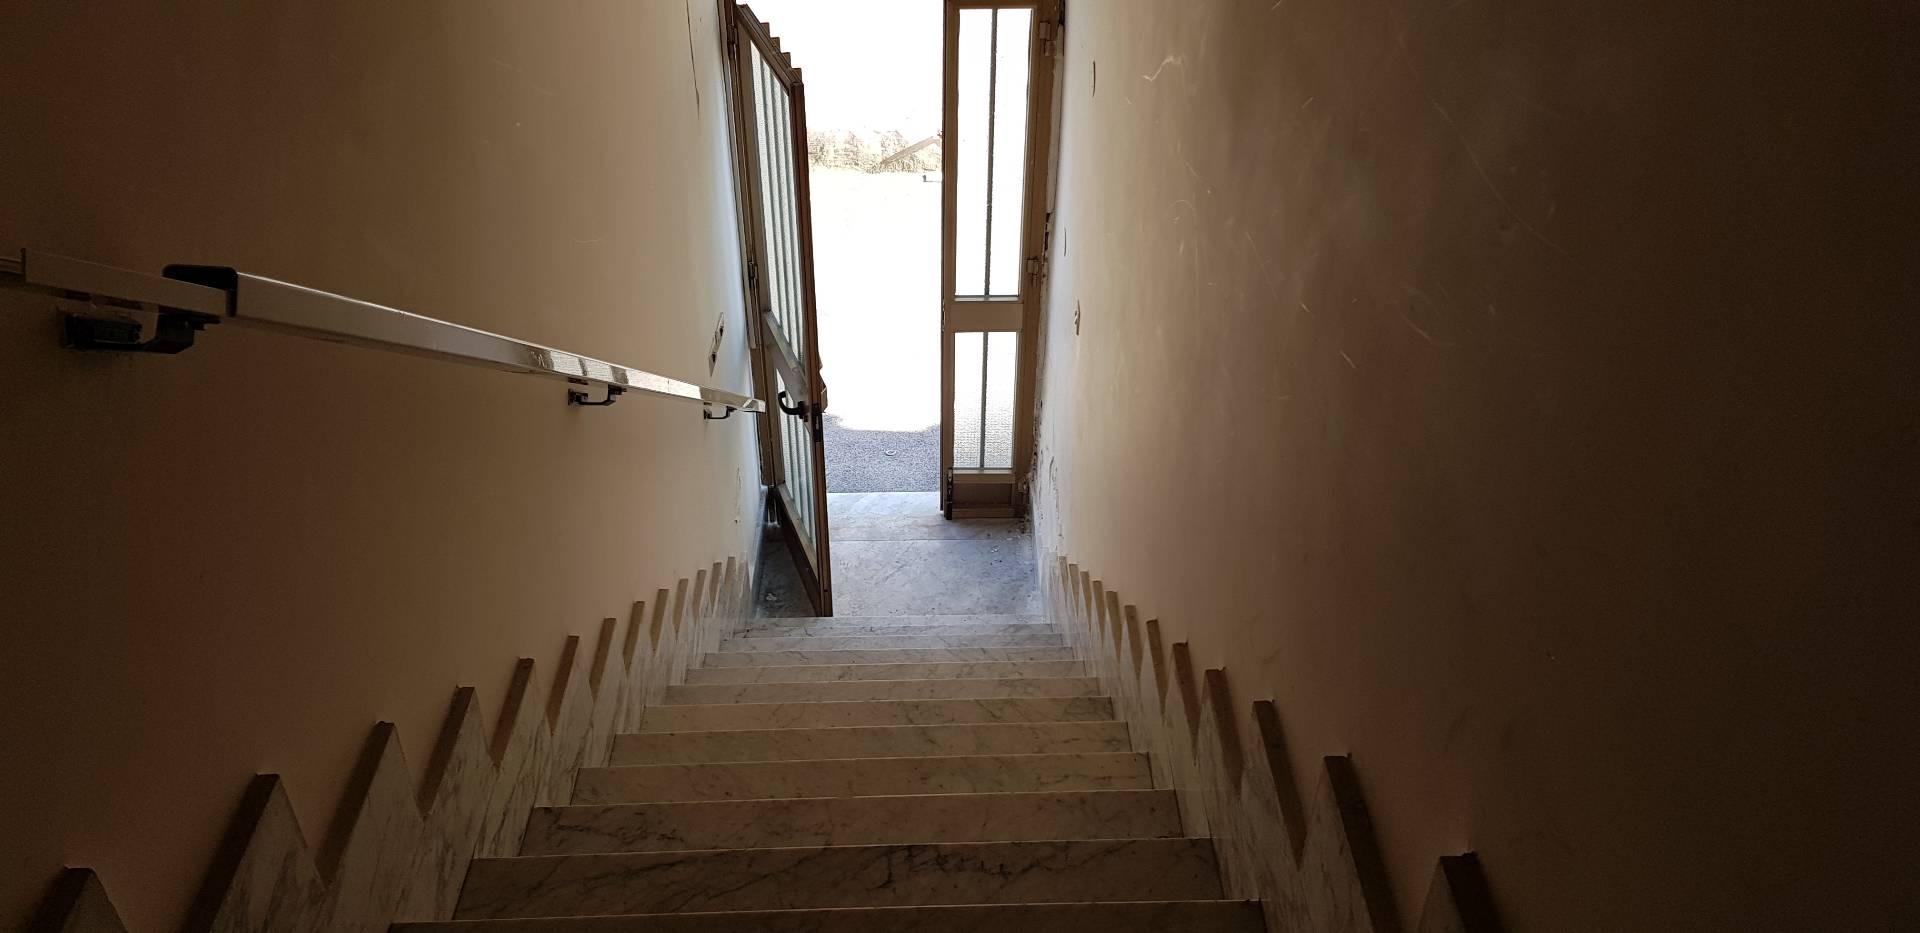 Appartamento in affitto a Castello di Cisterna, 3 locali, prezzo € 500 | CambioCasa.it